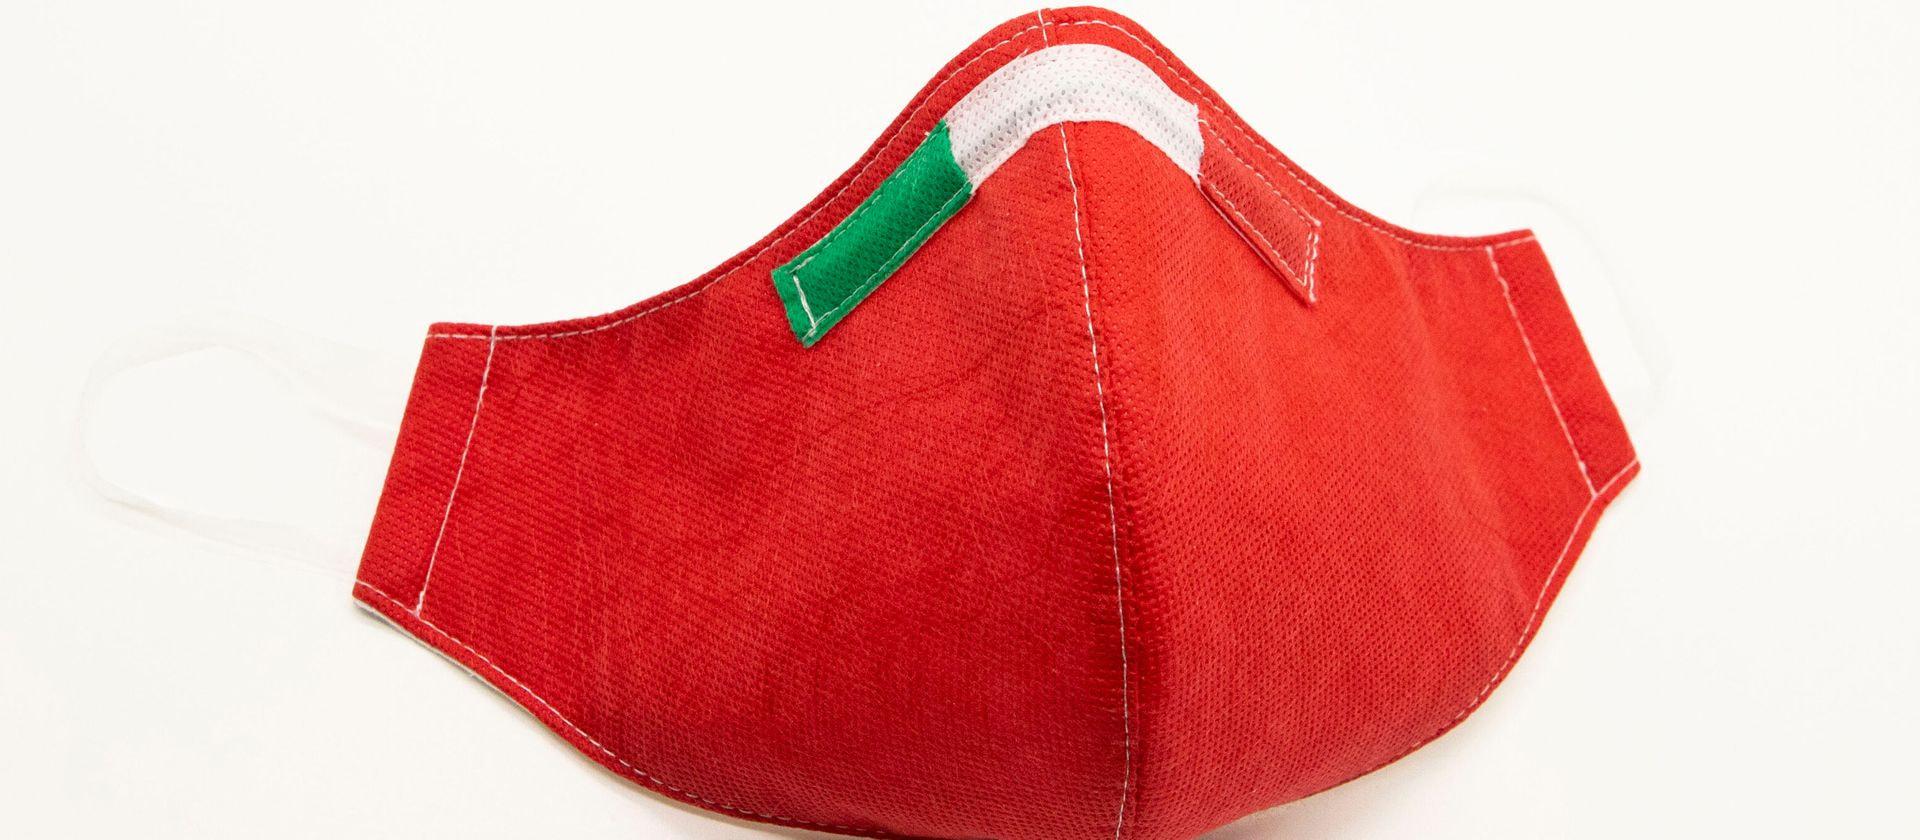 Mascherina Protettiva Fashion Lavabile rossa L